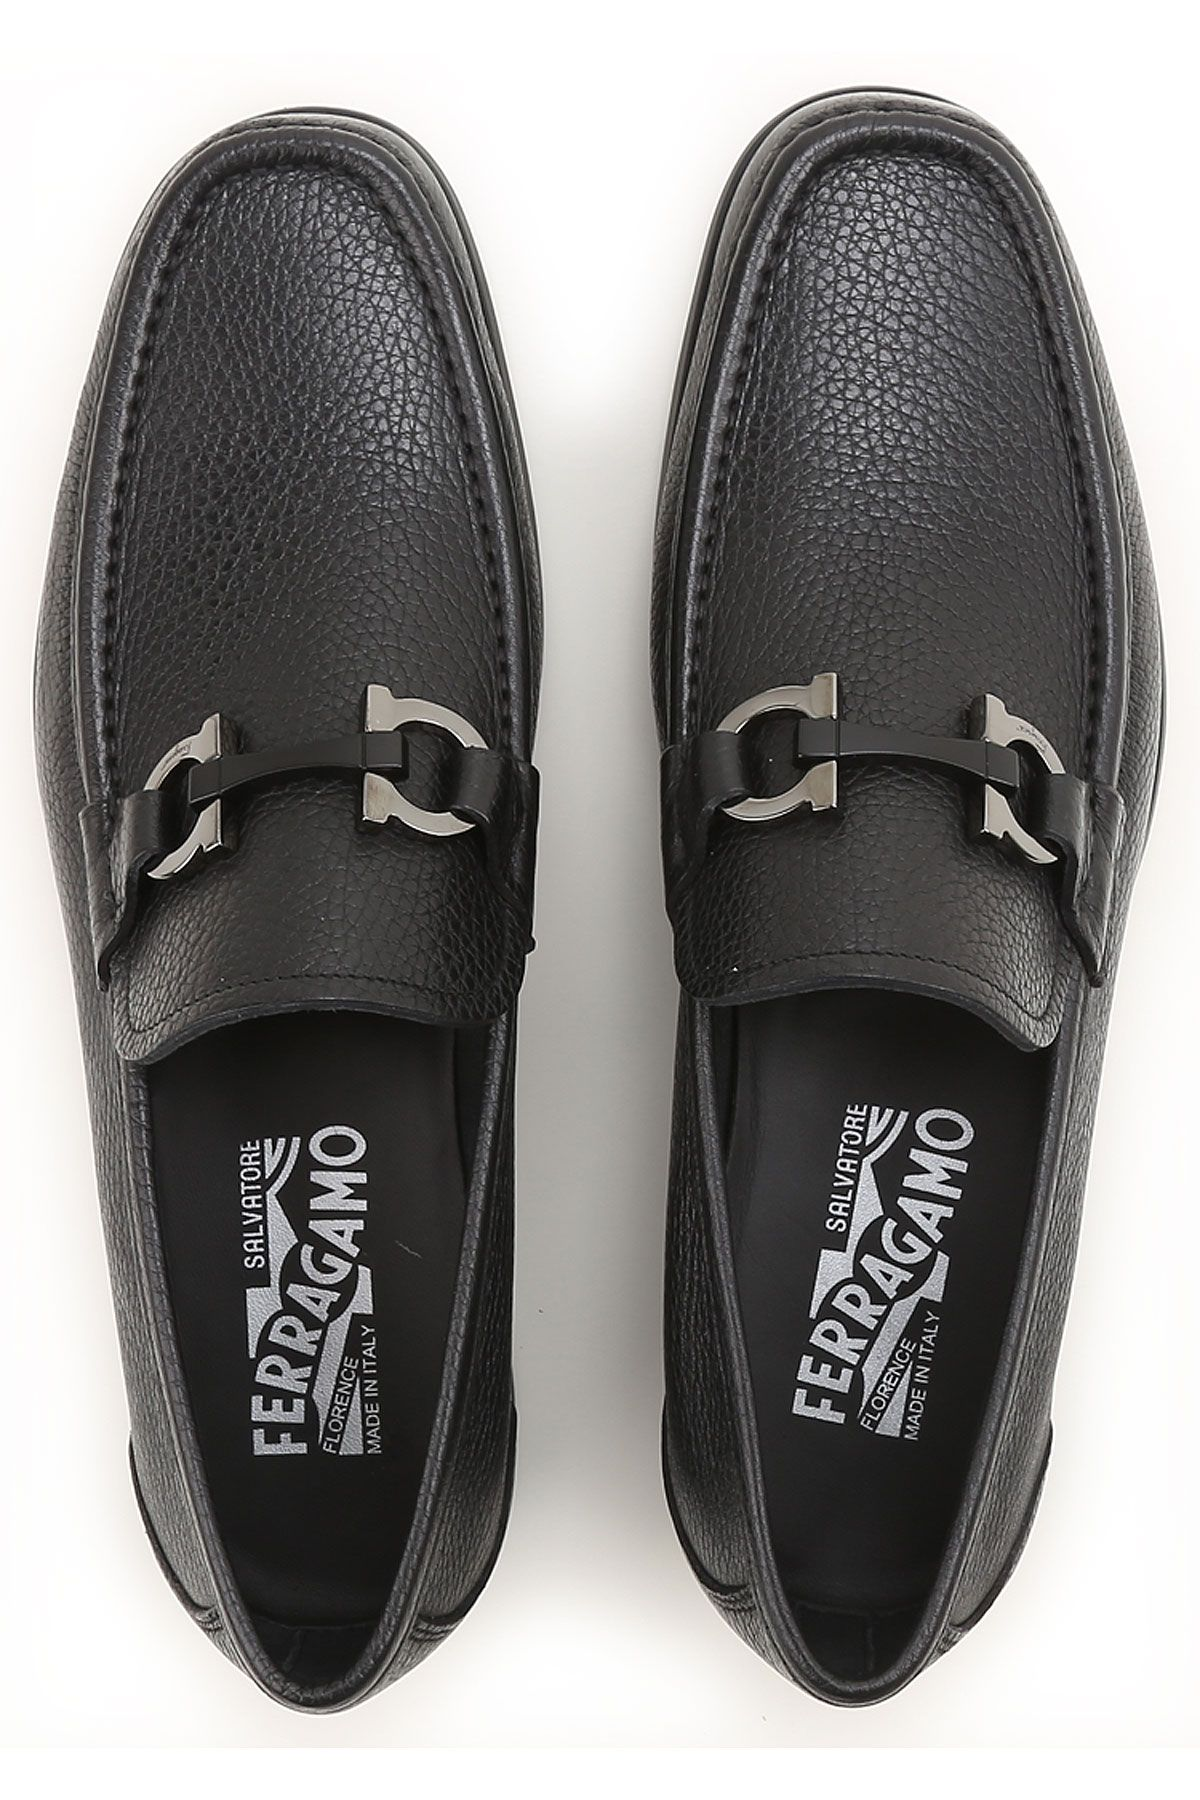 67c475f3 SALVATORE FERRAGAMO Zapatos Casuales, Estilo De Brooklyn, Calzado  Masculino, Salvatore Ferragamo, Vestido